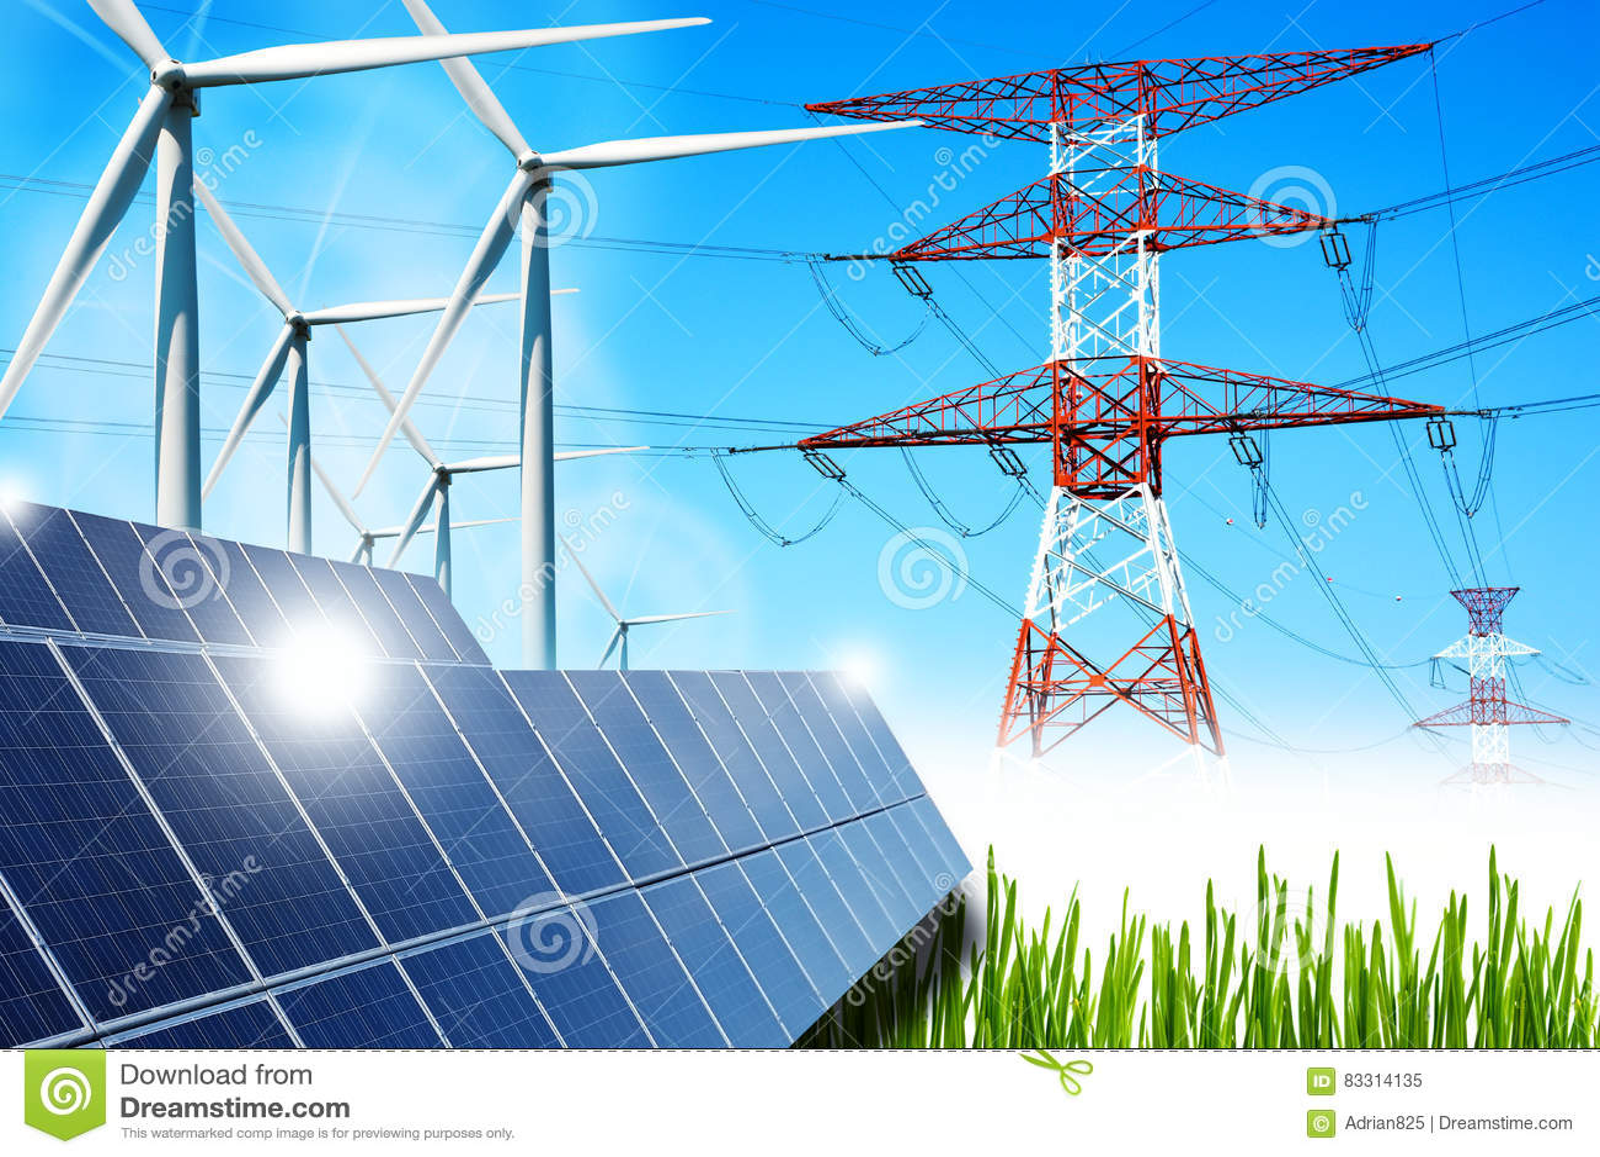 Concetto dell energia rinnovabile con i pannelli solari ed i generatori eolici dei collegamenti di griglia